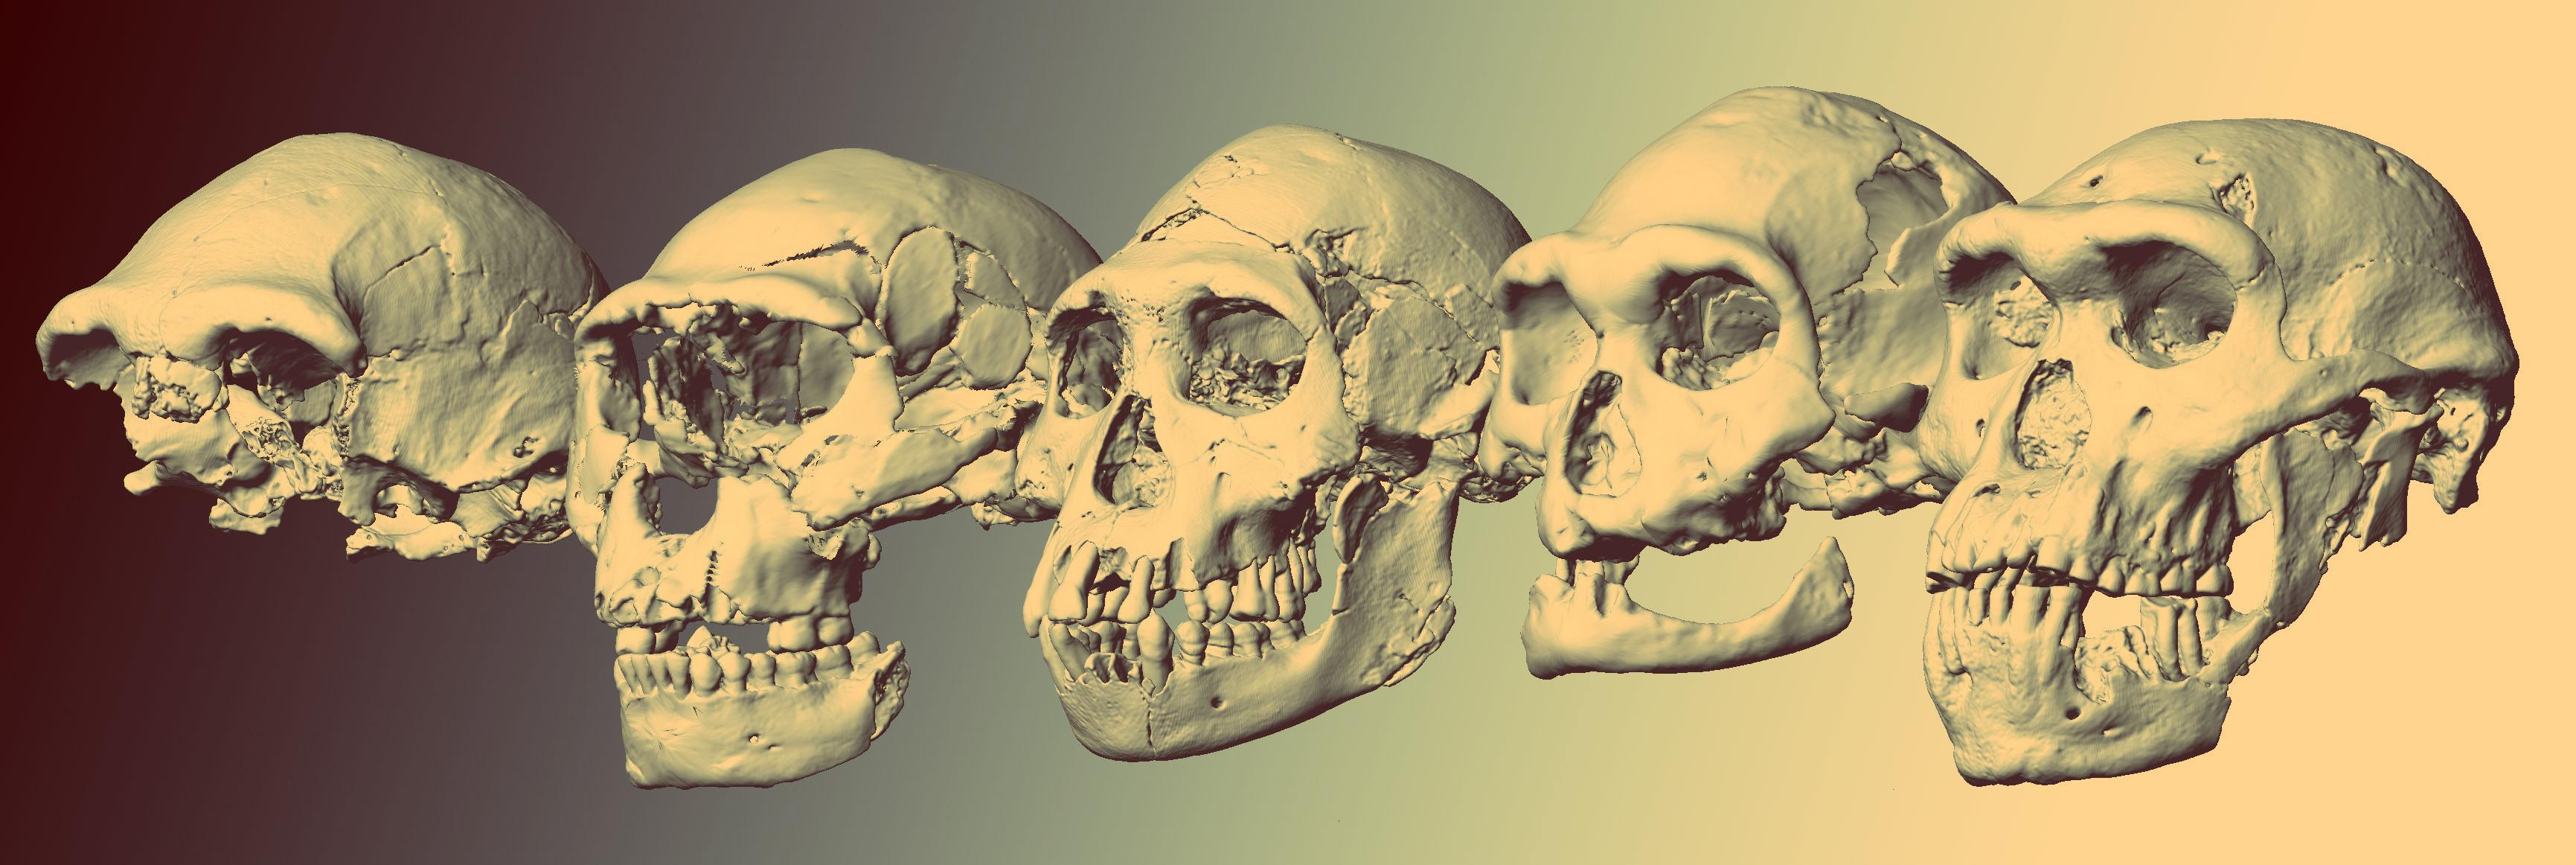 Homo sapiens возник благодаря снижению тестостерона